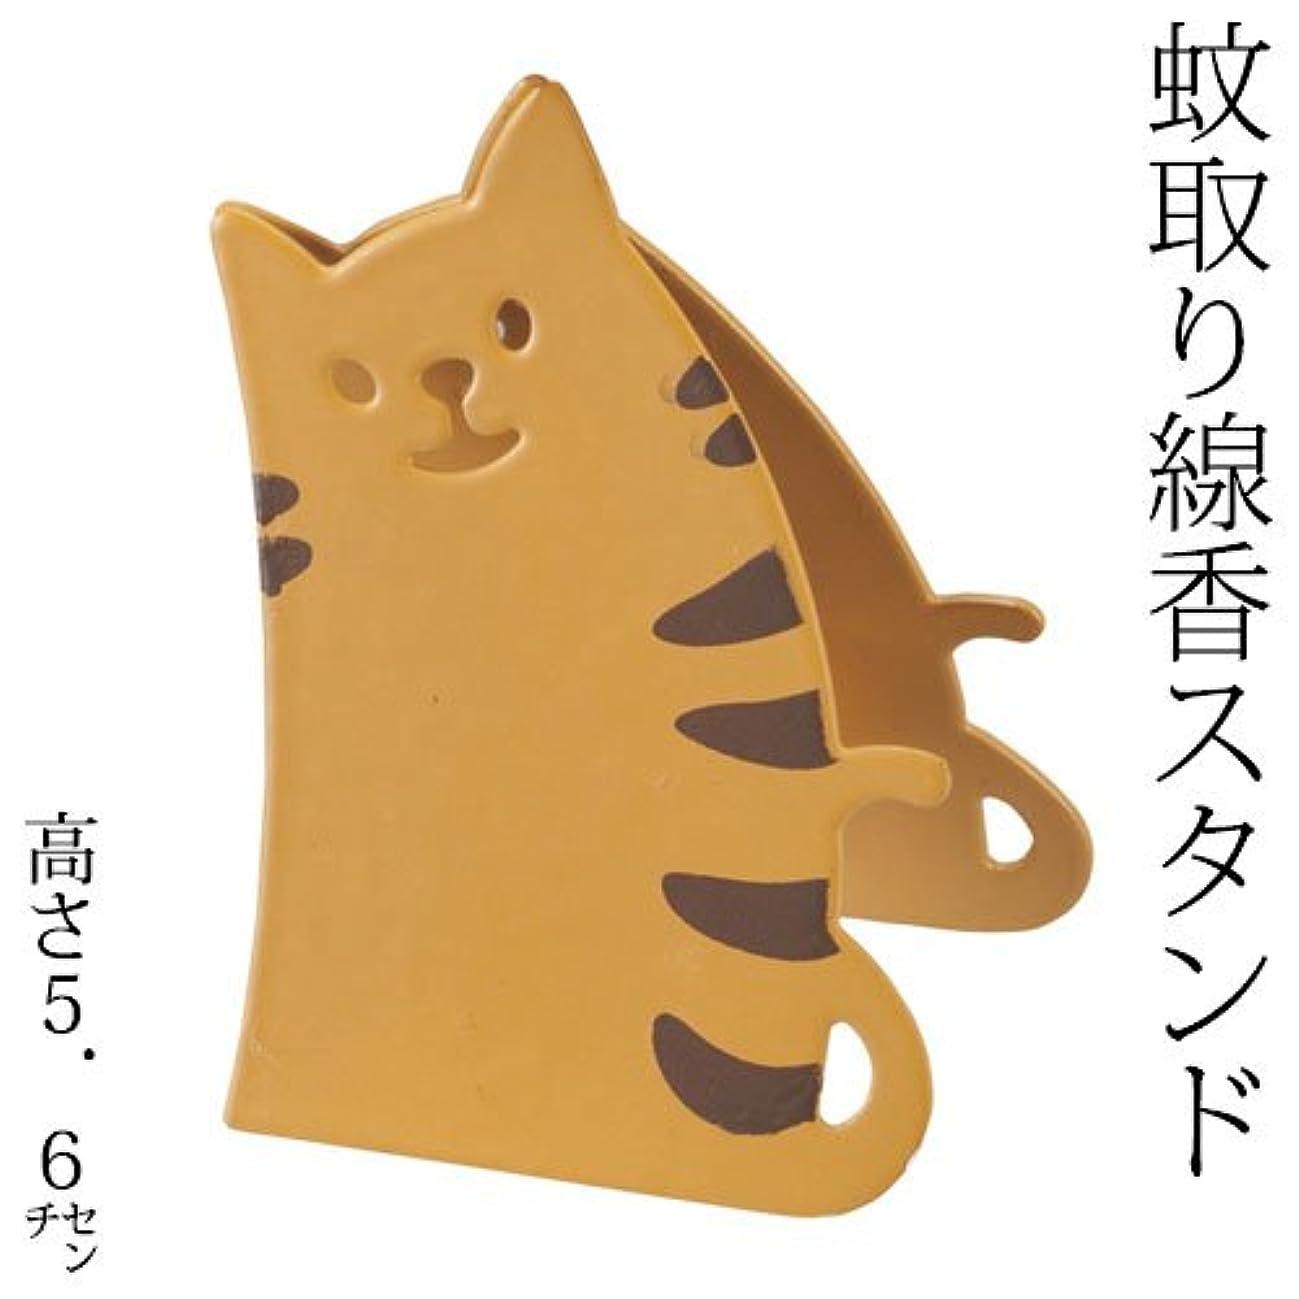 すごい熱心な叙情的なDECOLE蚊取り線香クリップスタンドトラ猫 (SK-13936)Mosquito coil clip stand